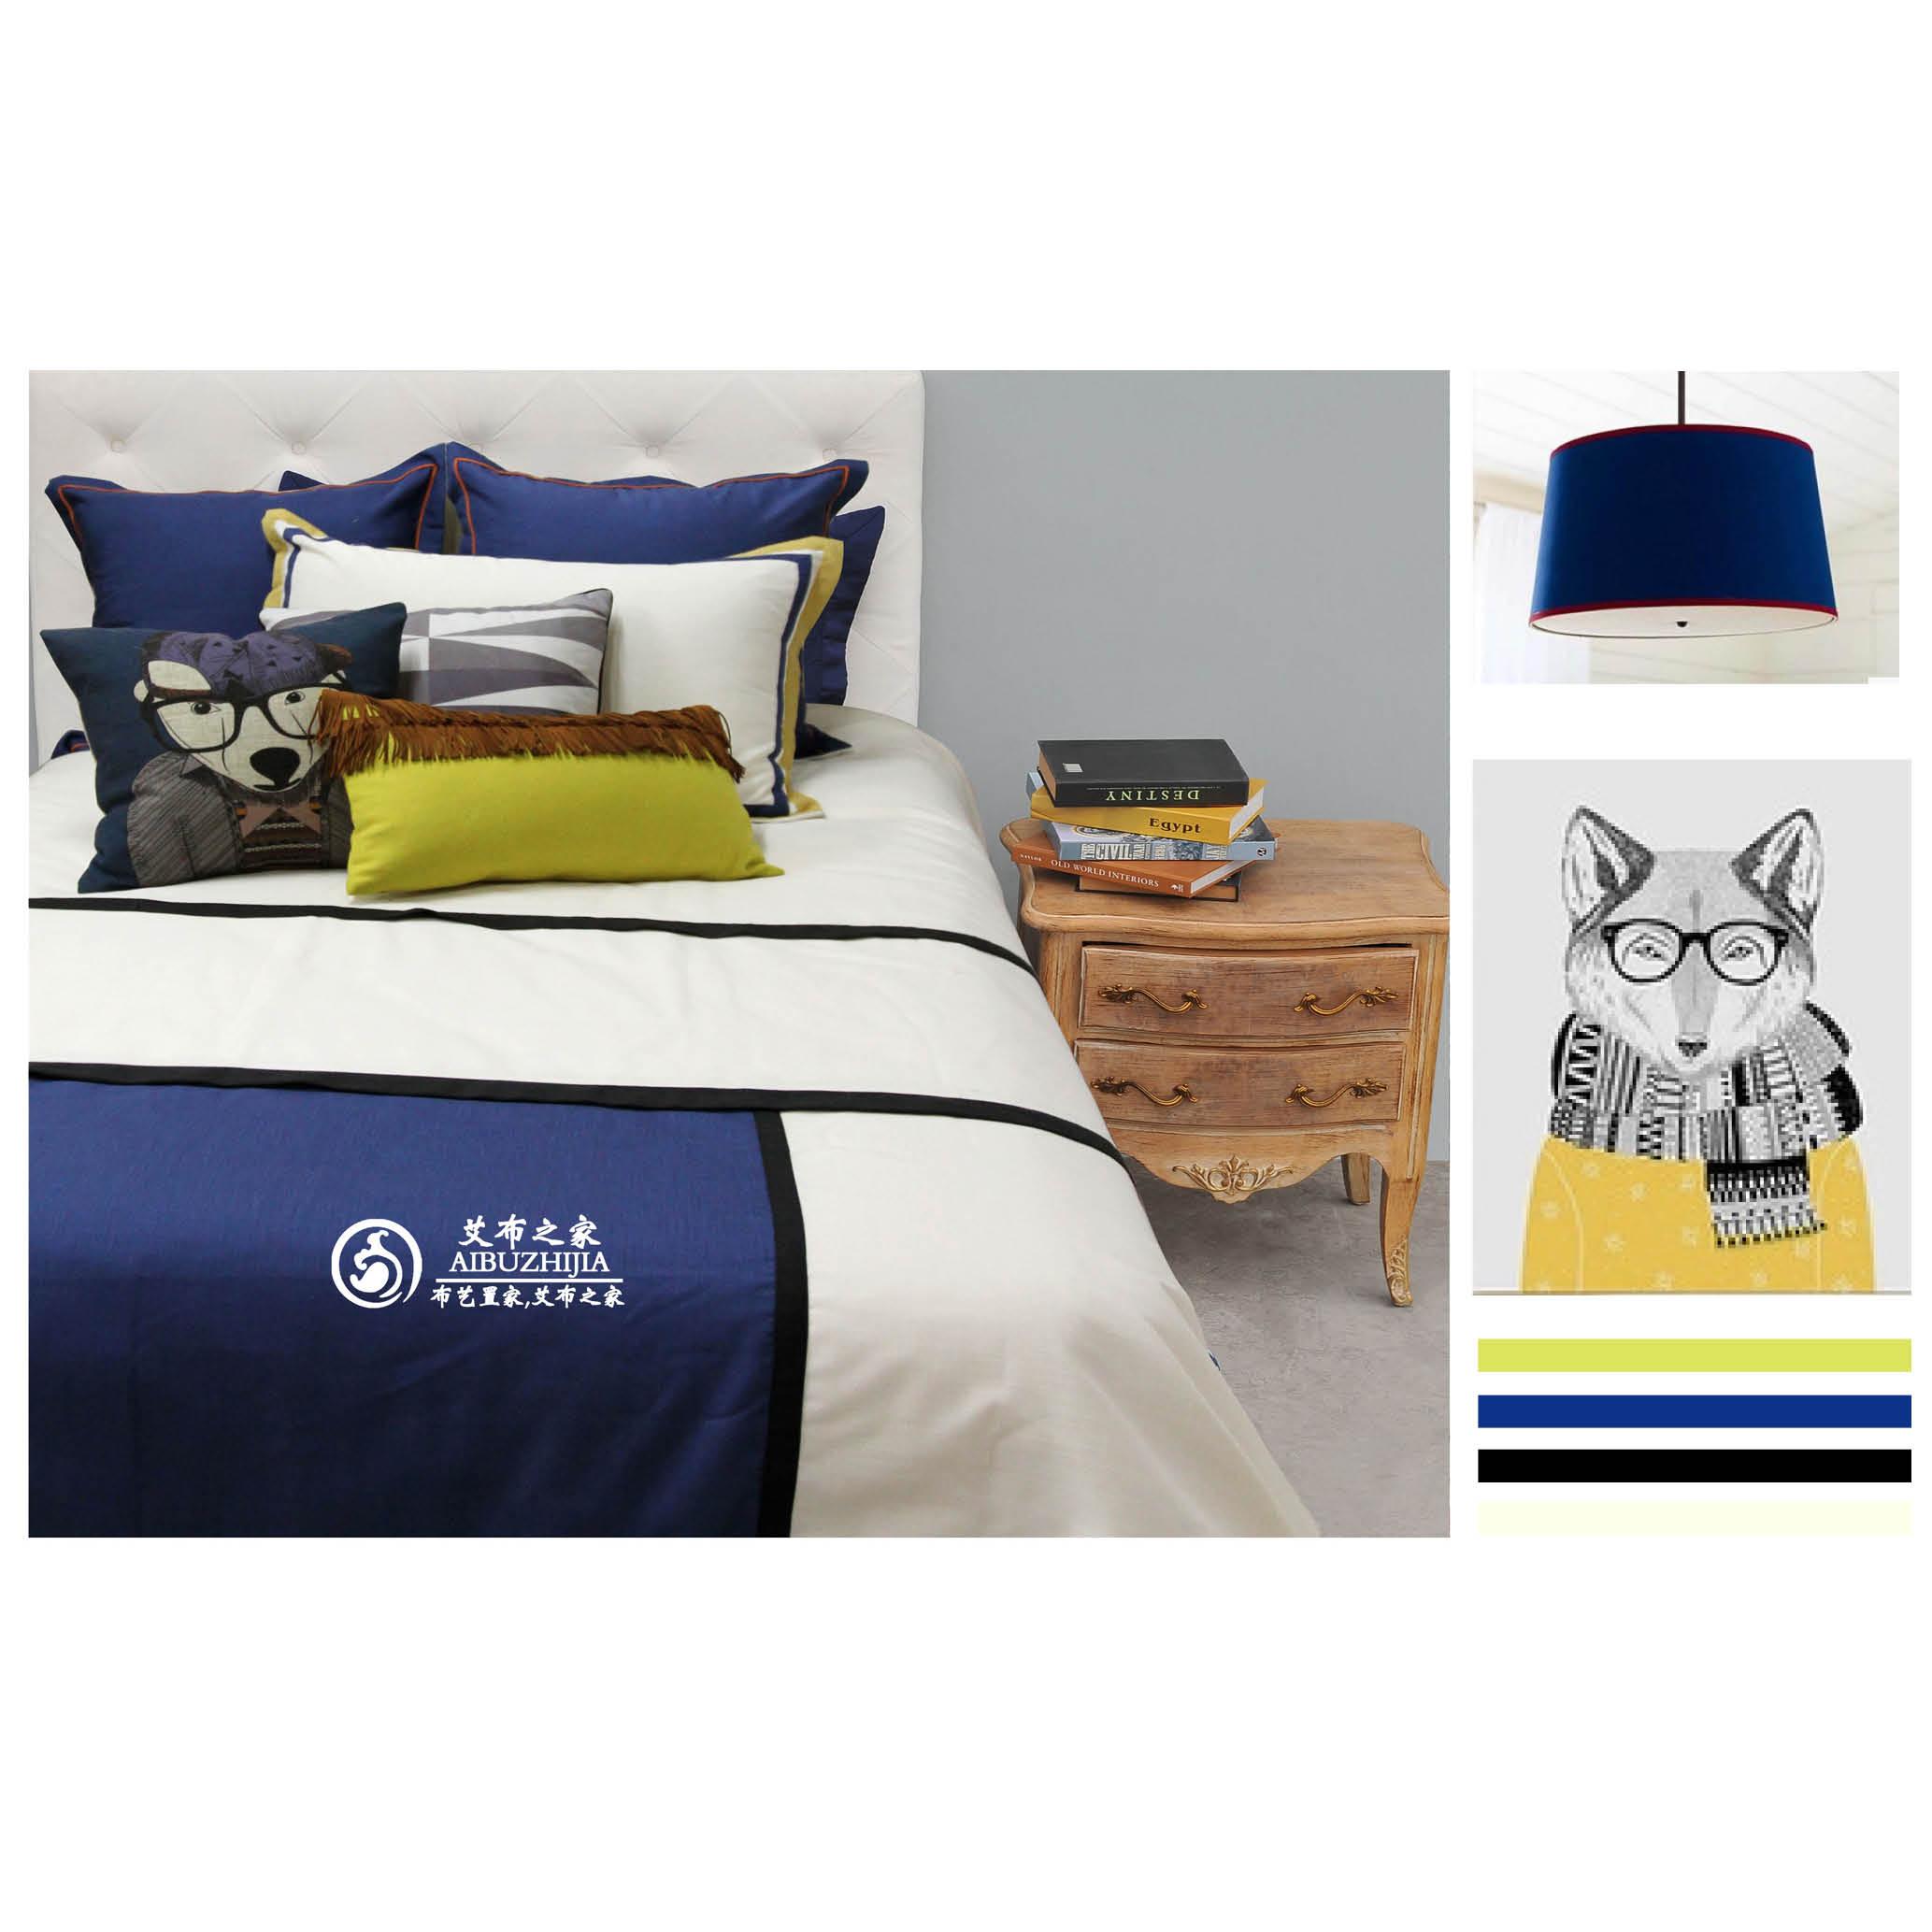 软装样板房床品样板间床品蓝色狗狗儿童床小孩房男孩房床品套件